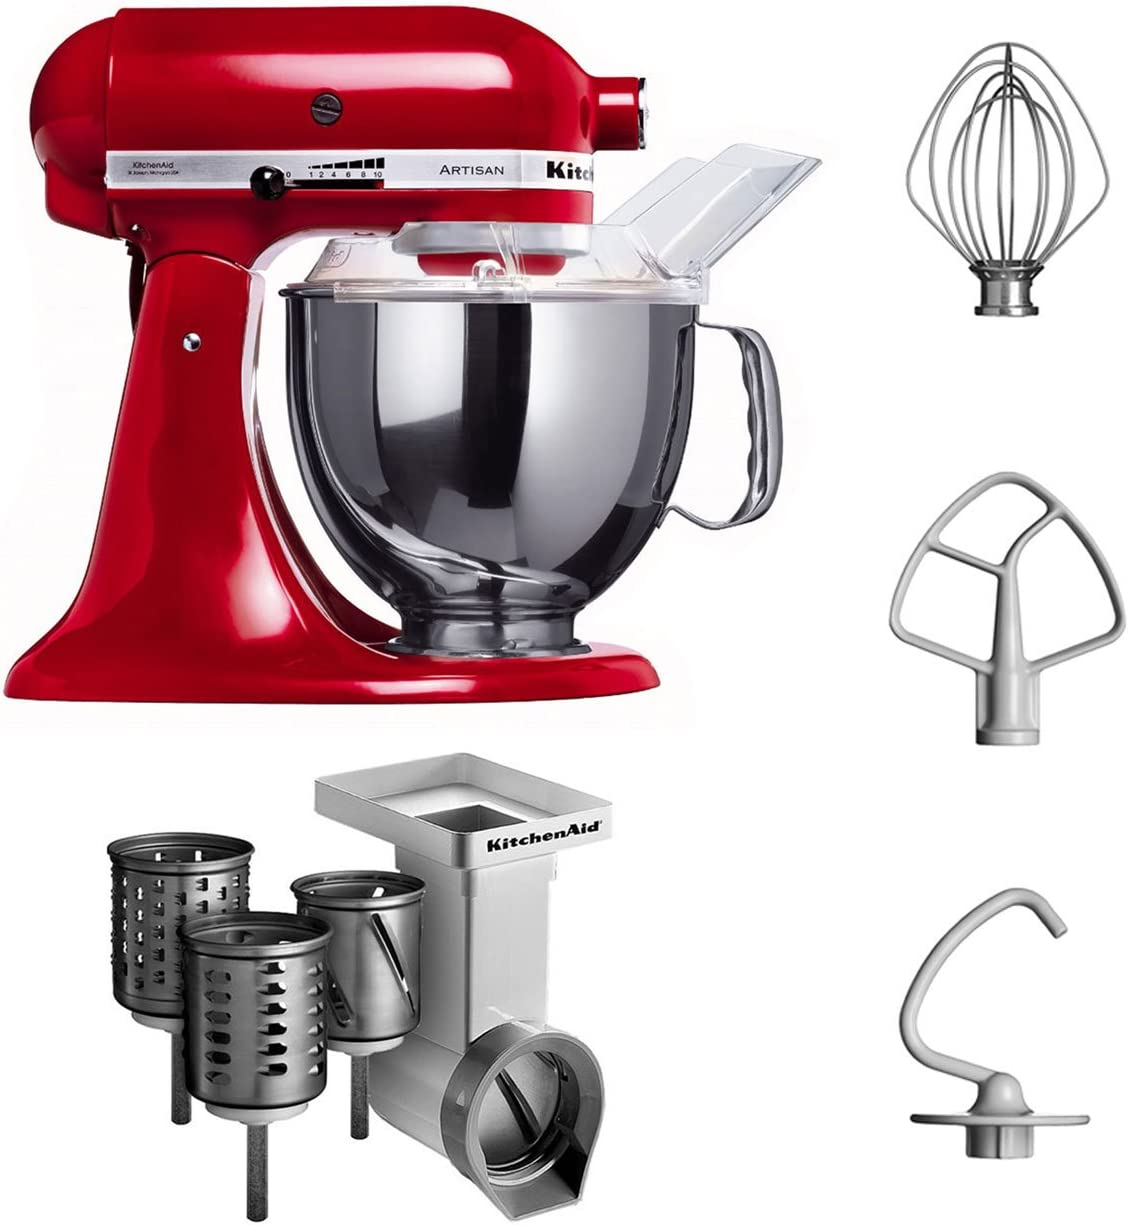 KitchenAid KSM150PSEER + MVSA - Robot de cocina y juego de accesorios, color rojo: Amazon.es: Hogar